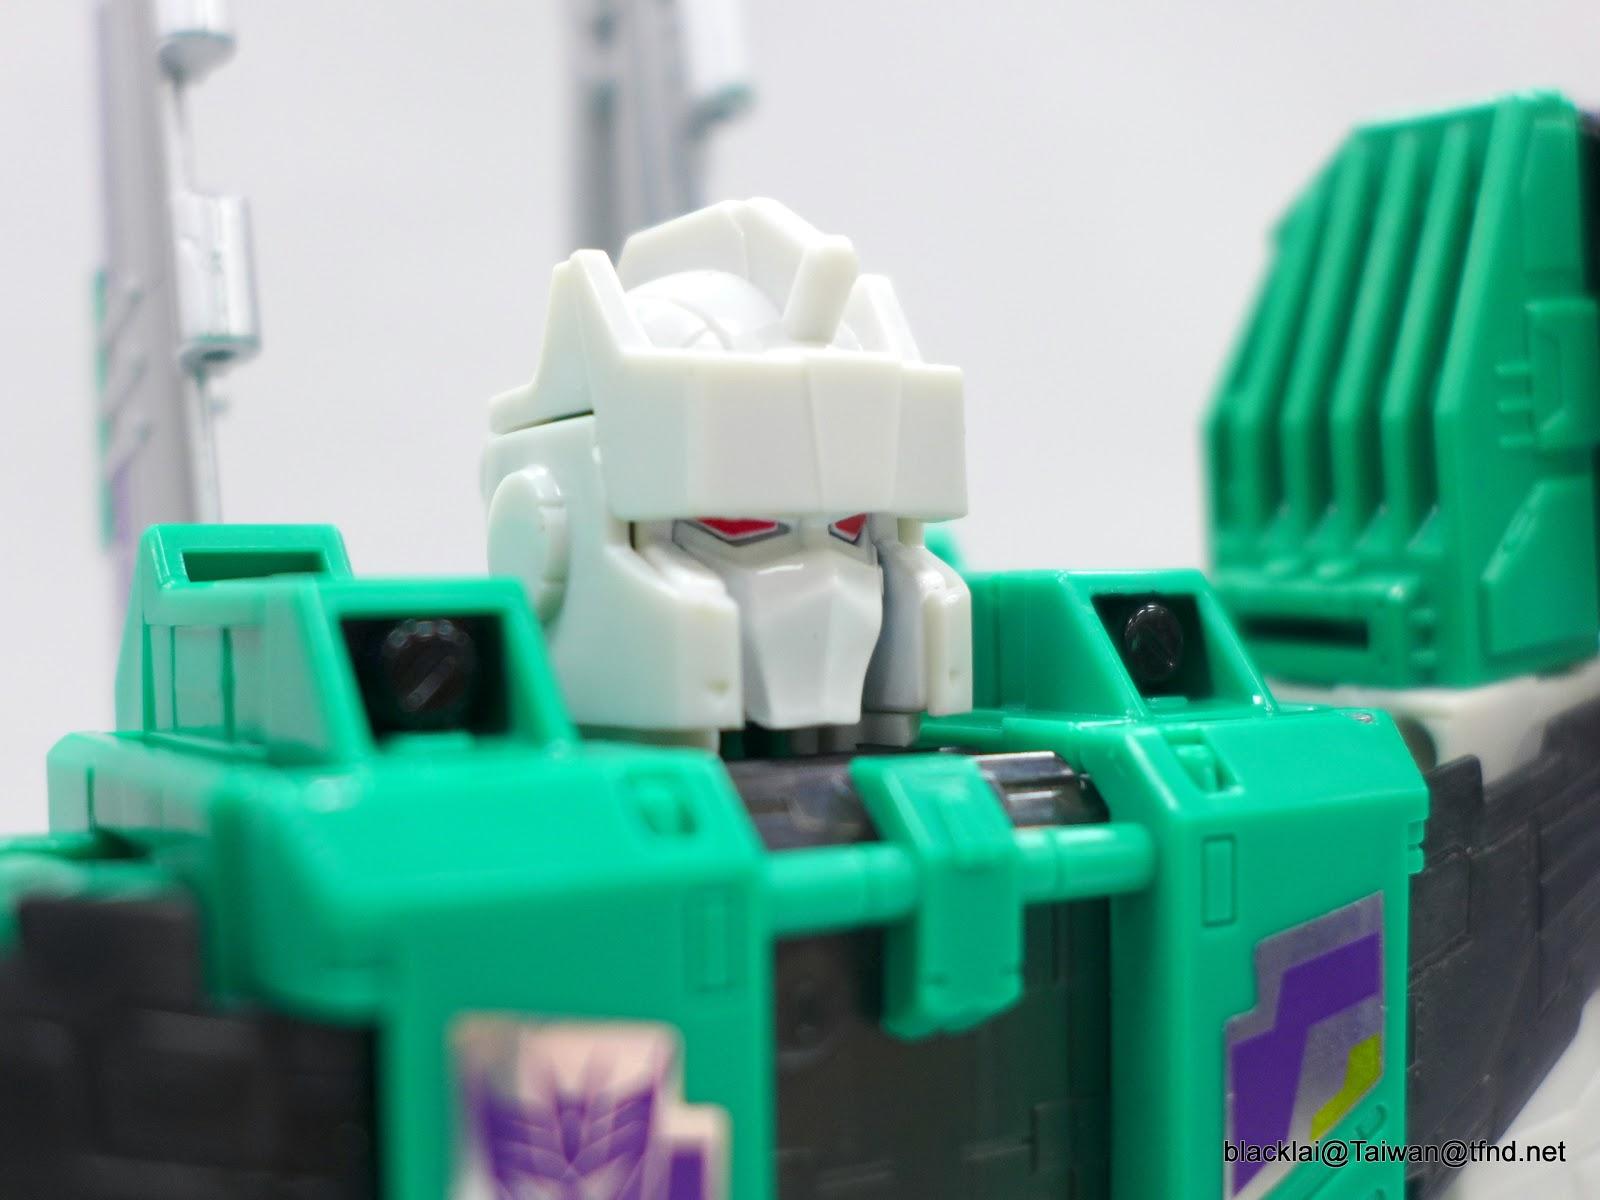 Jouets Transformers Generations: Nouveautés Hasbro - partie 2 - Page 40 P1500945